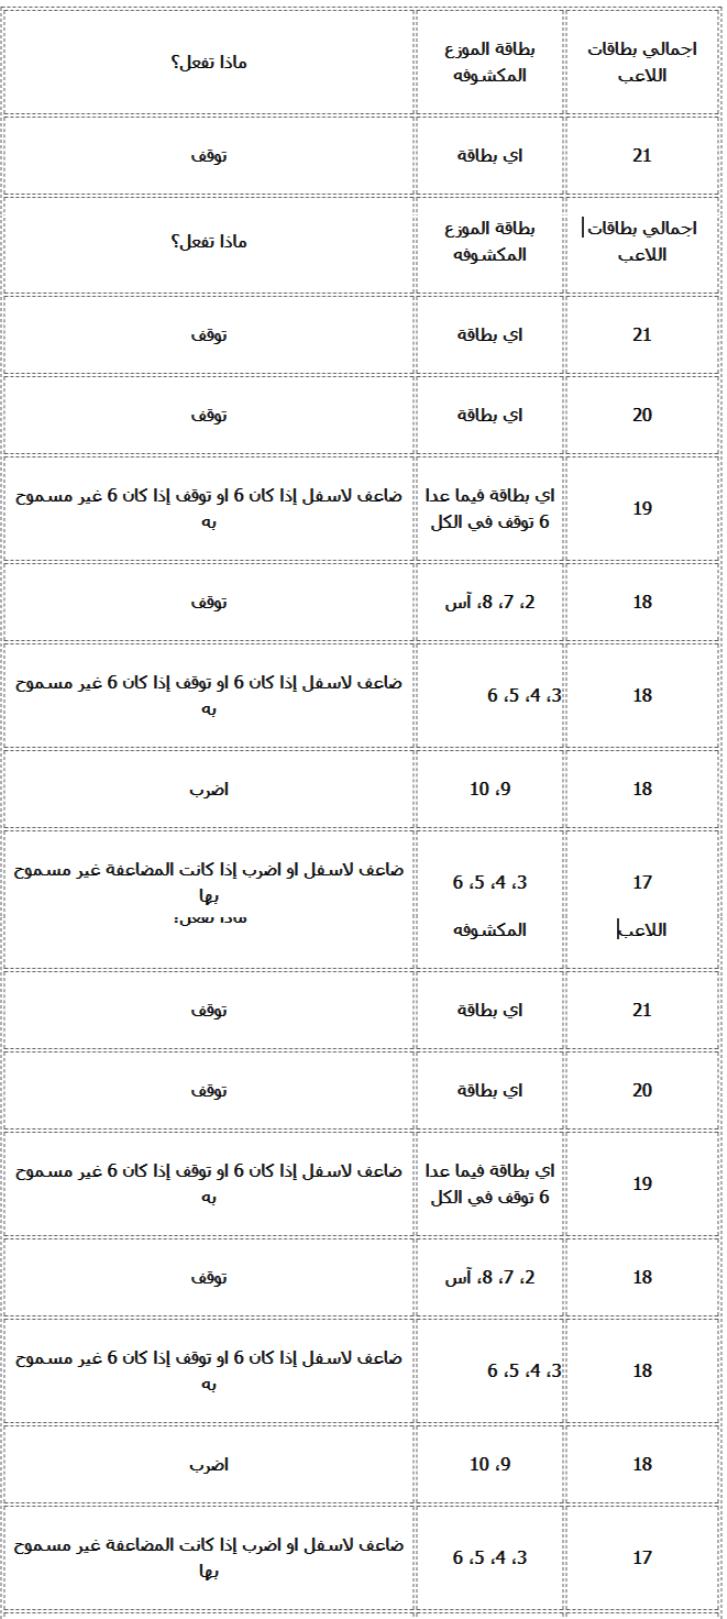 تقييم كازينو - 45143